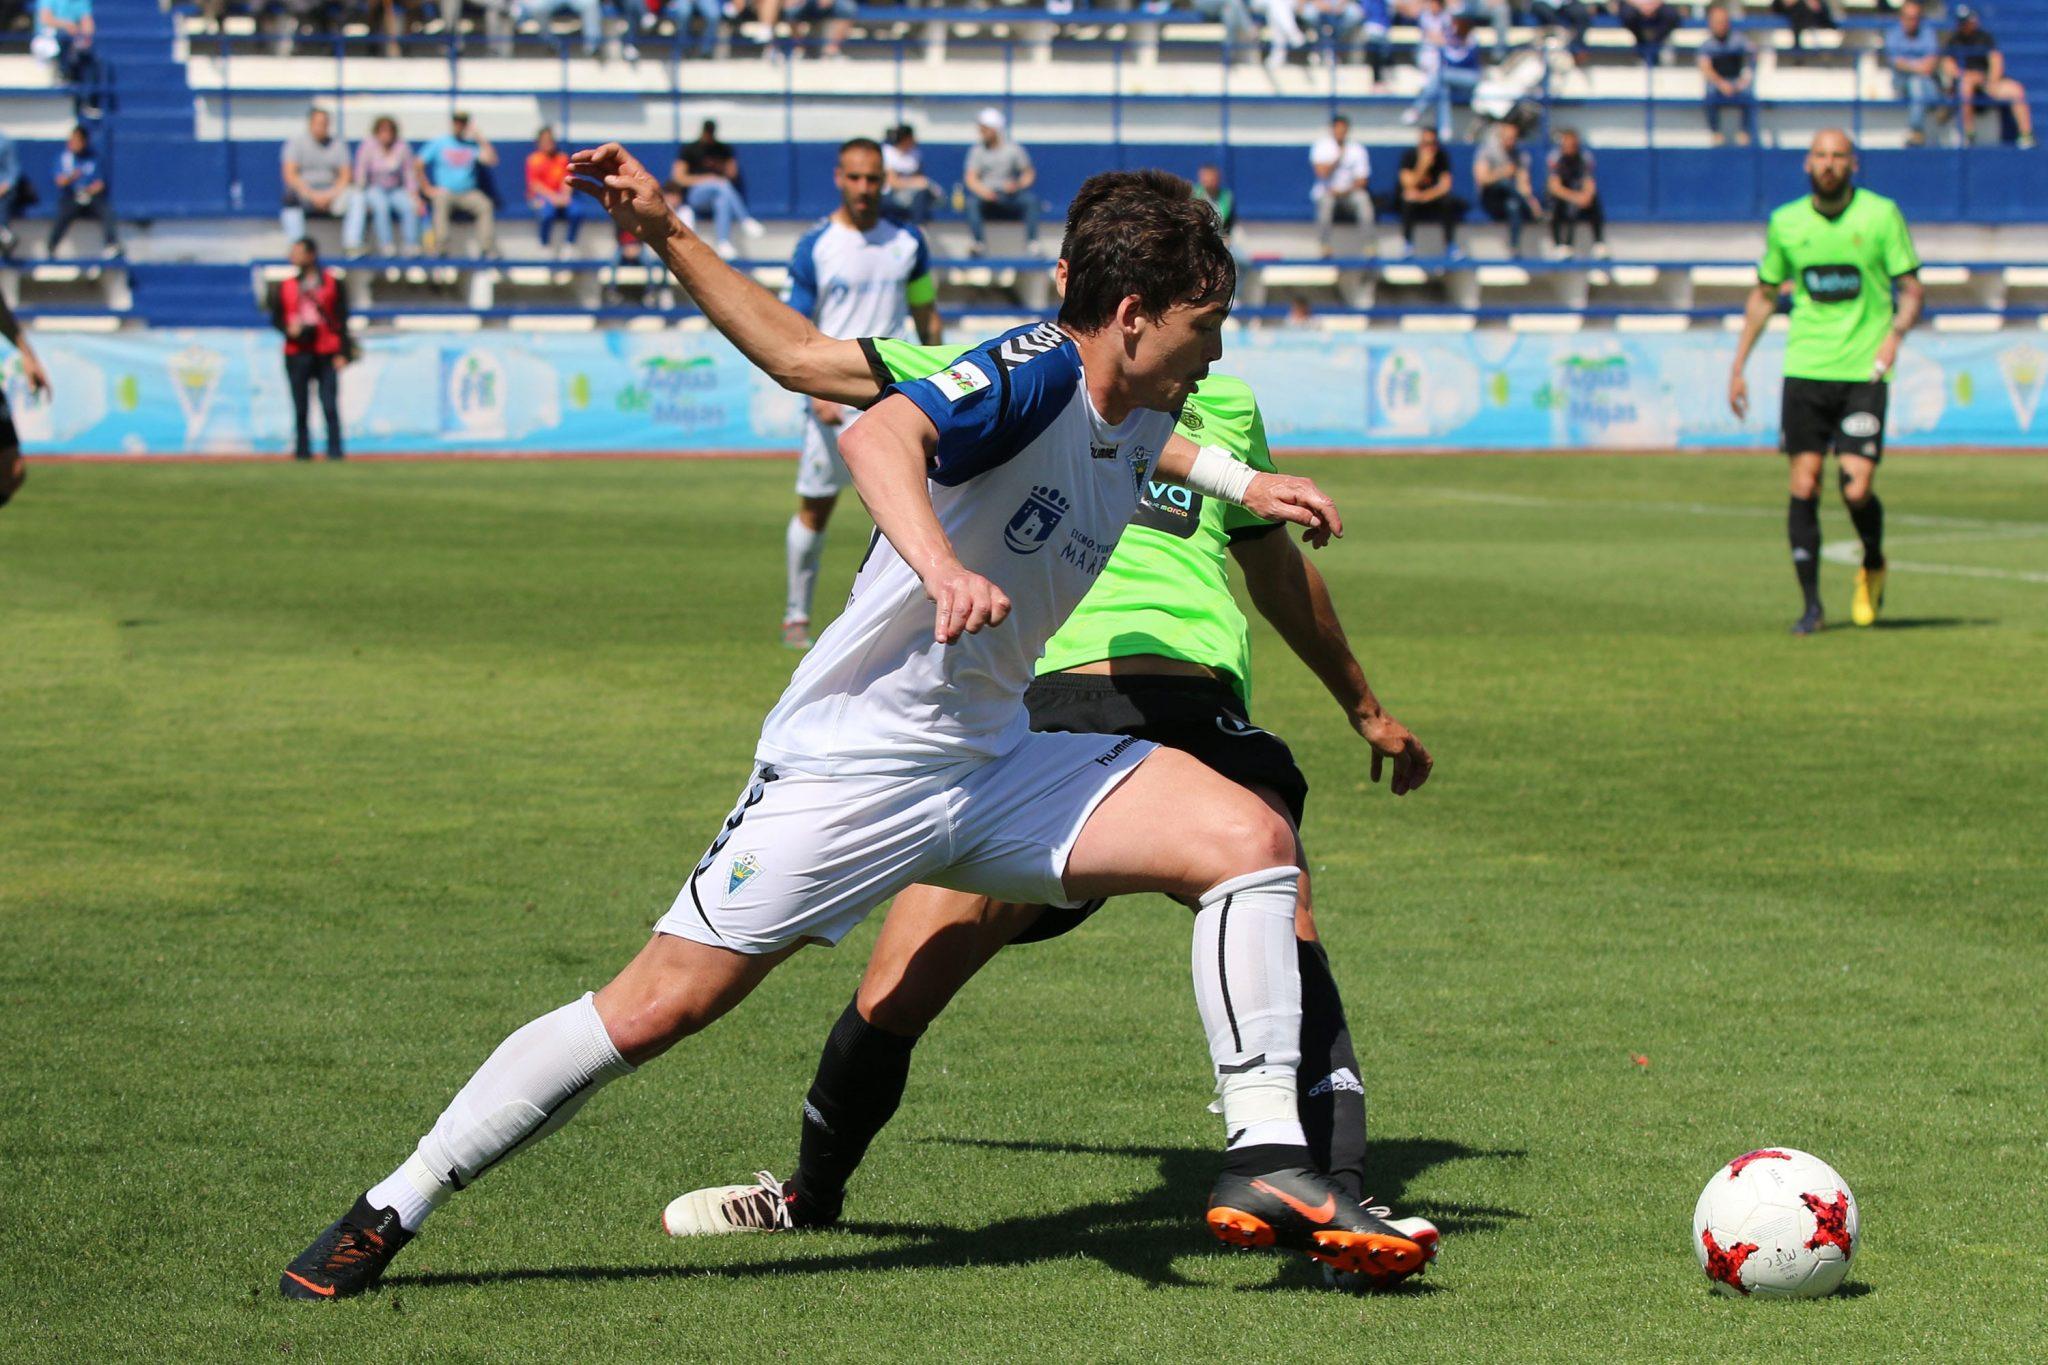 El Marbella FC sigue líder tras su magnífico encuentro frente al Recreativo